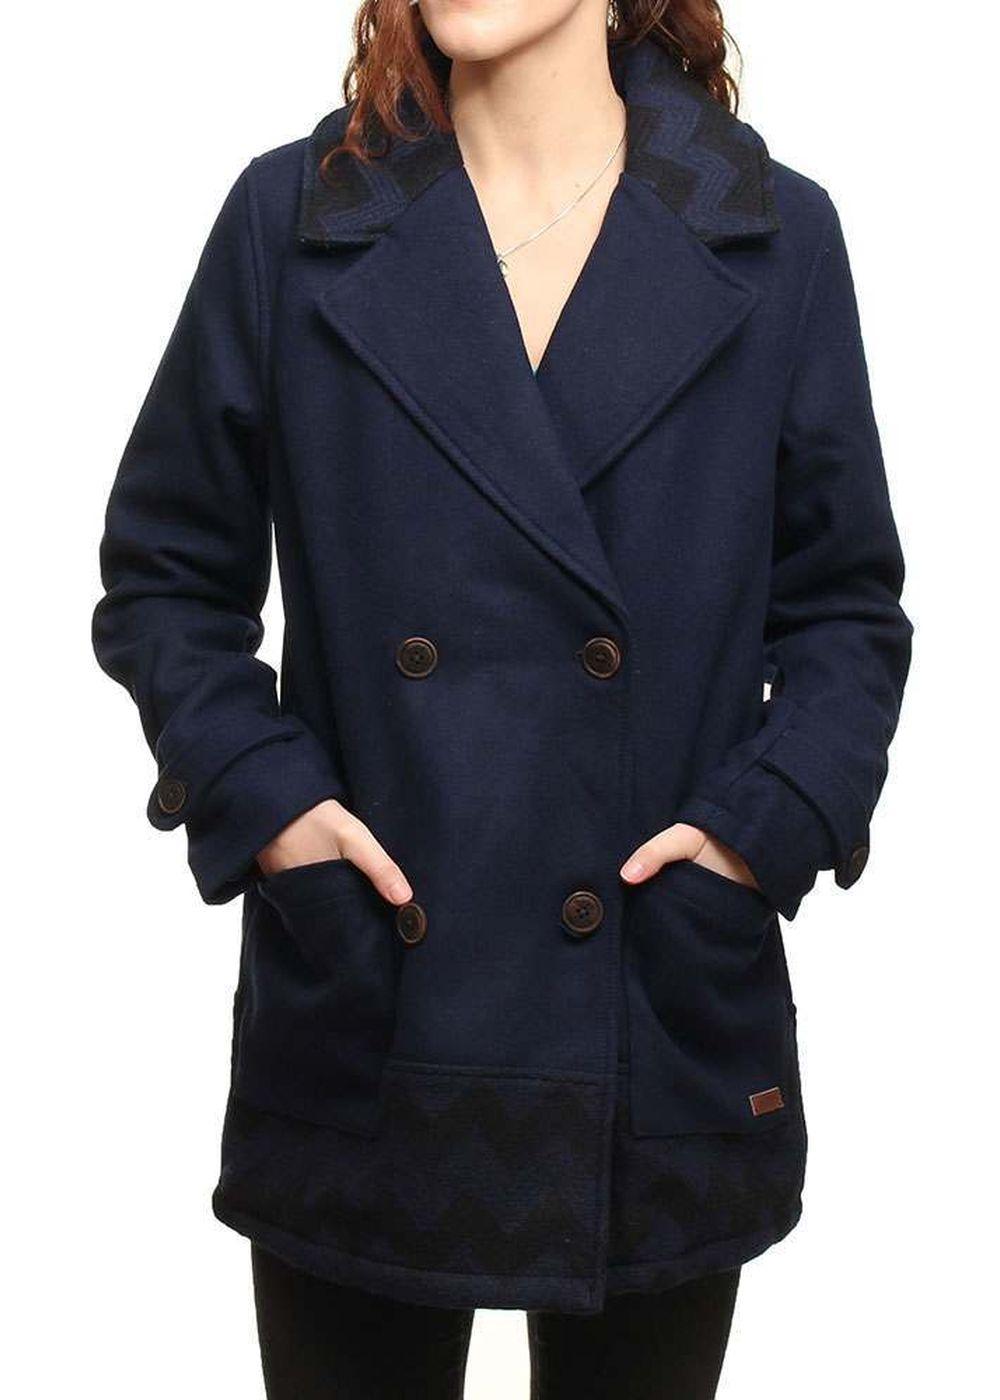 roxy-moonlight-jacket-peacoat